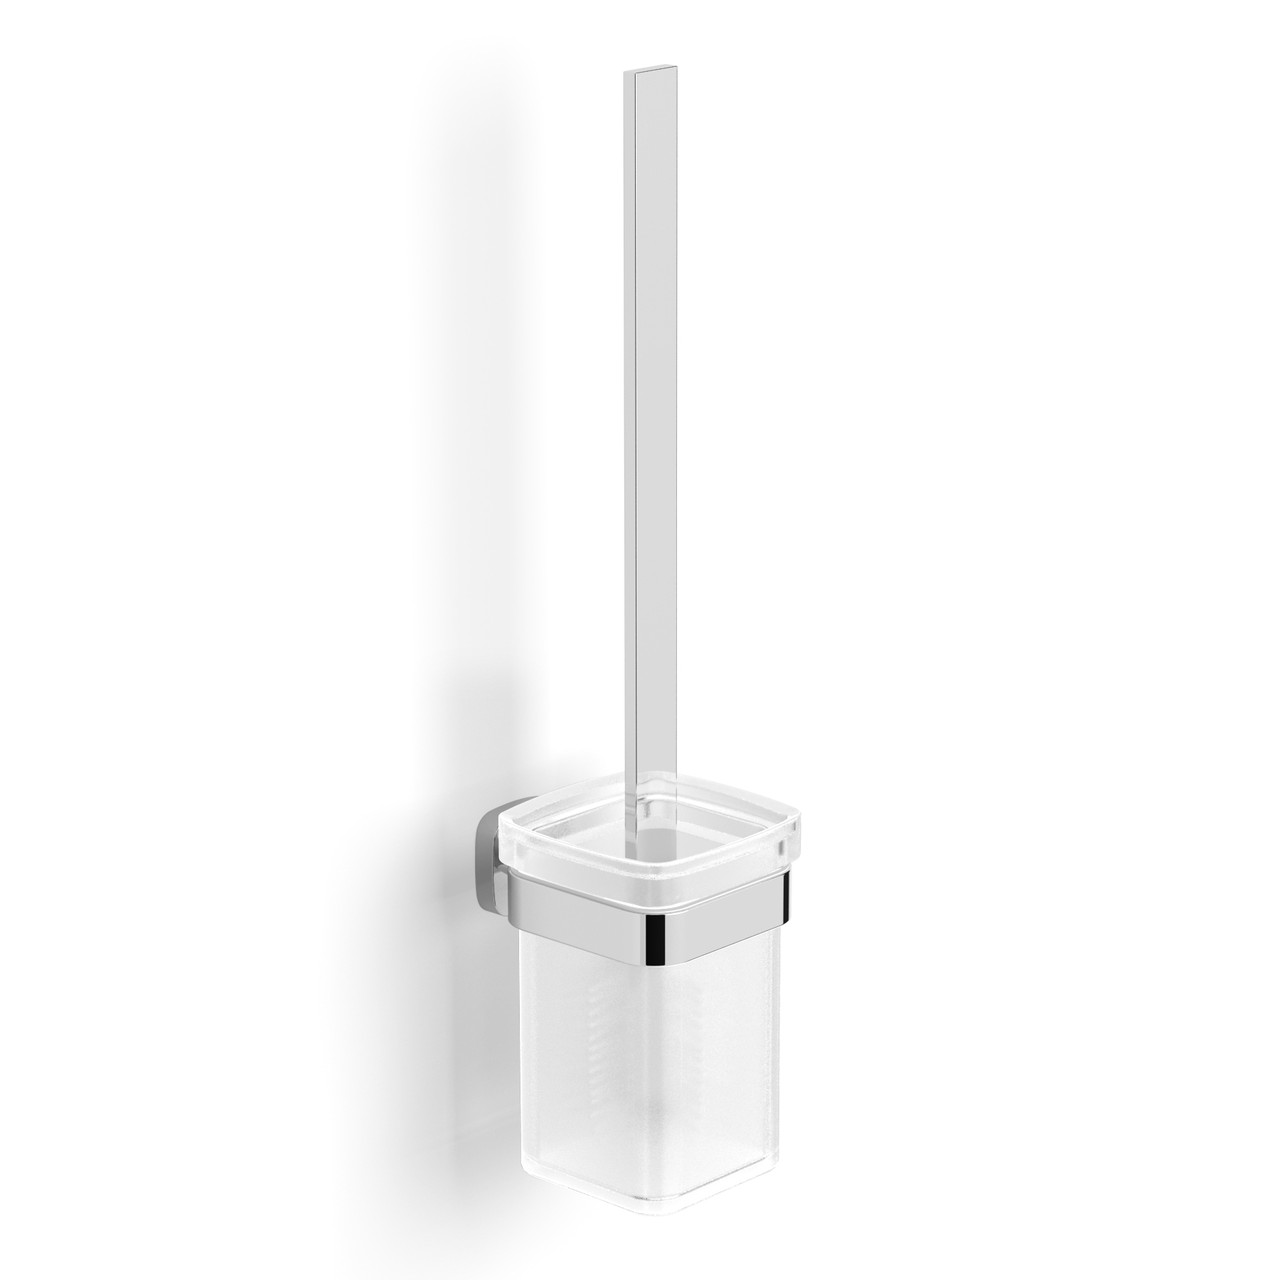 TEO ершик туалетный, матовое стекло, крепление к стене, хром